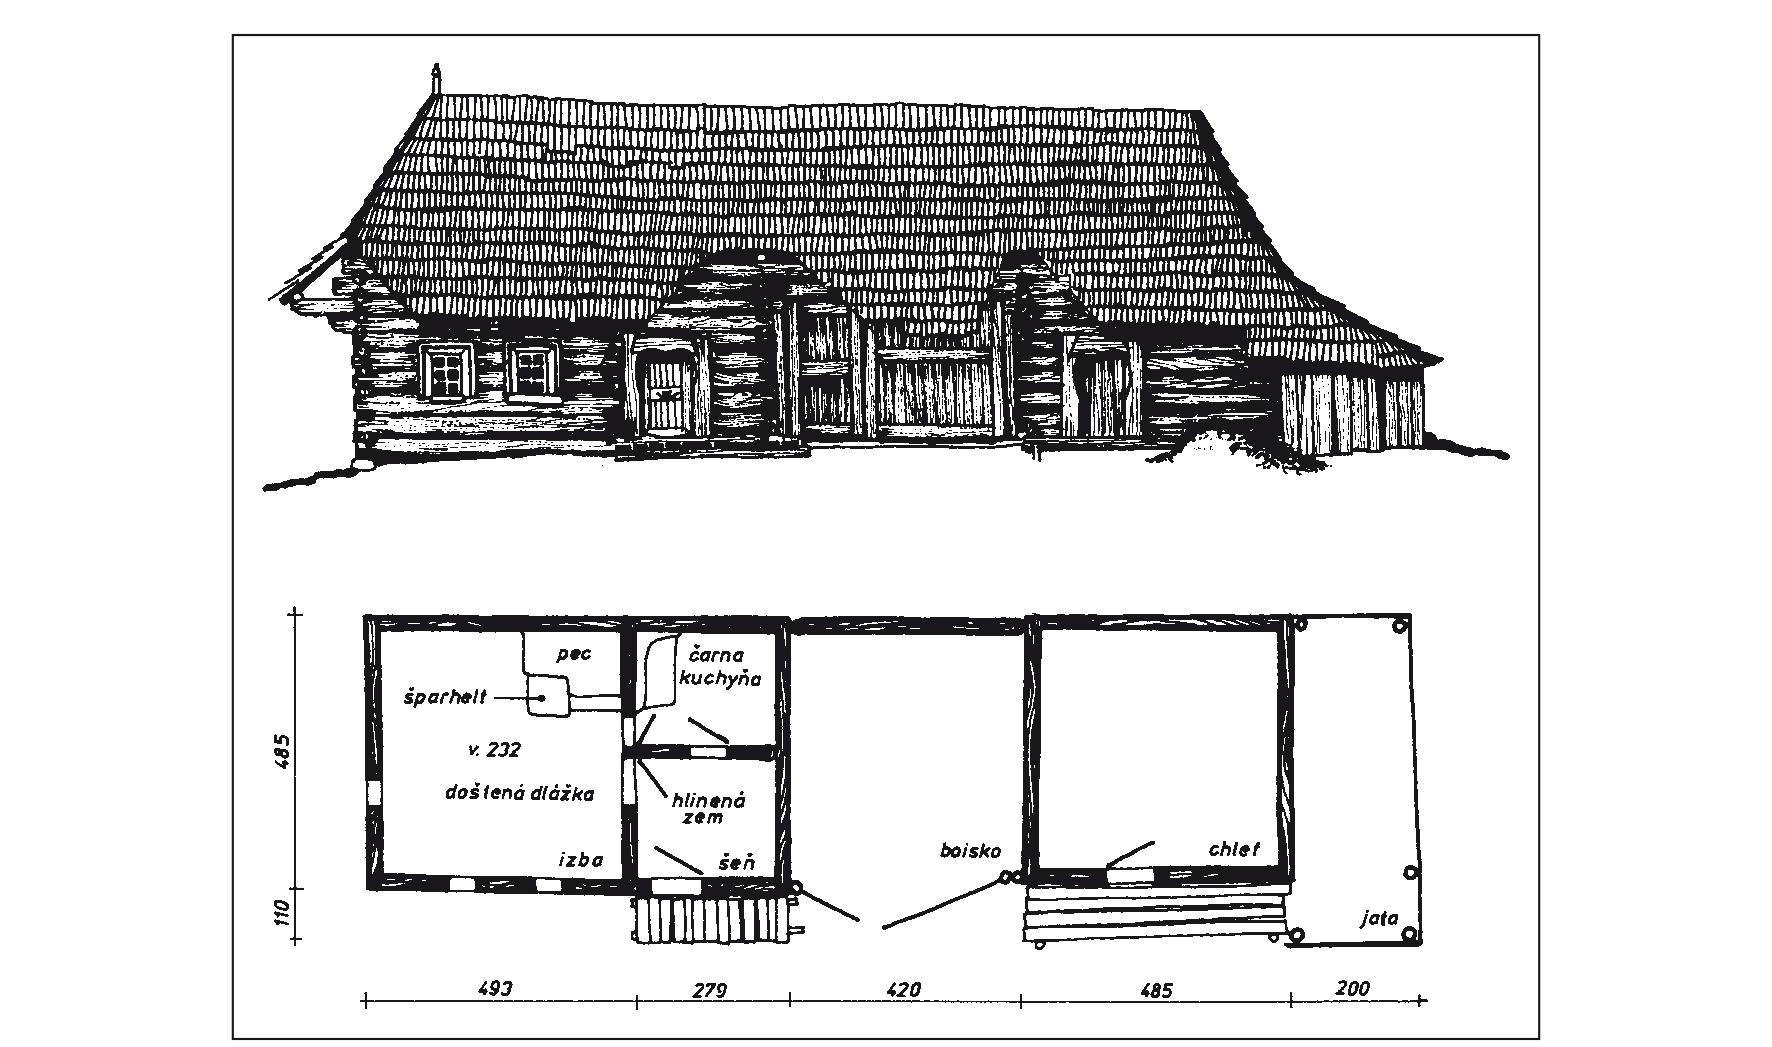 Konštrukcia domu zo 60. rokov 19. storočia, bočný pohľad a pôdorys